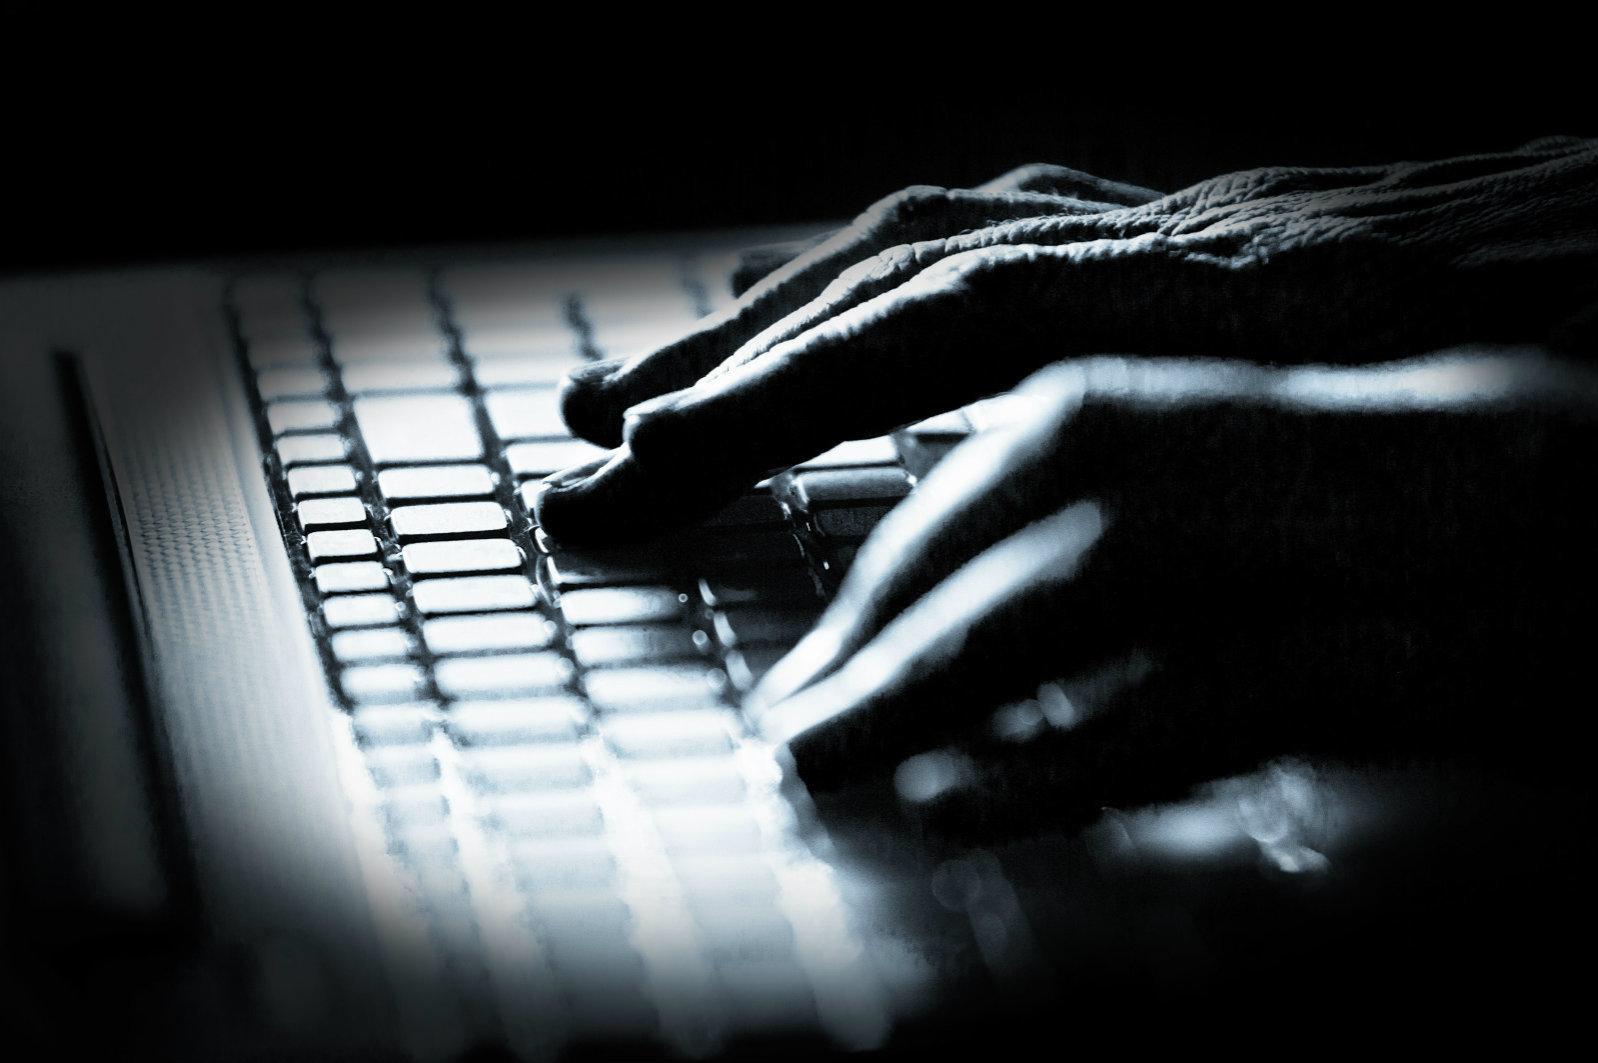 Оштрафованы бывшие сотрудники АНБ, работавшие в ОАЭ как хакеры по найму